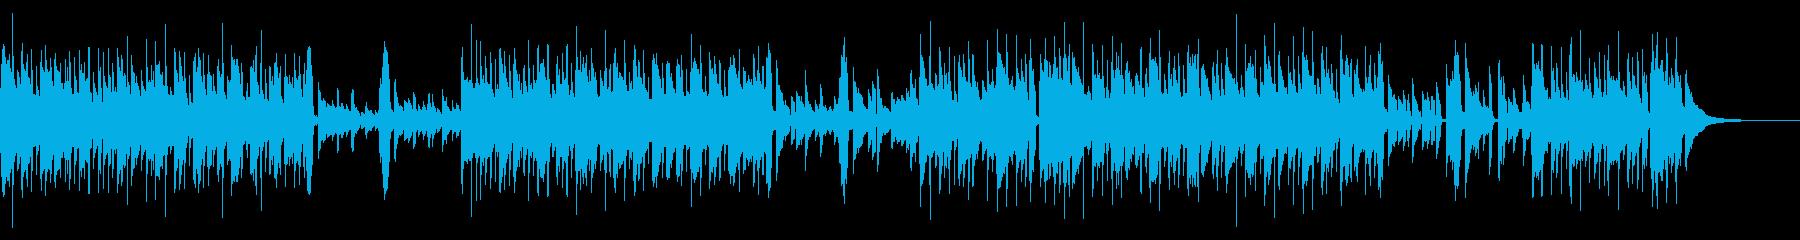 マイナー調のアコースティックギターバンドの再生済みの波形